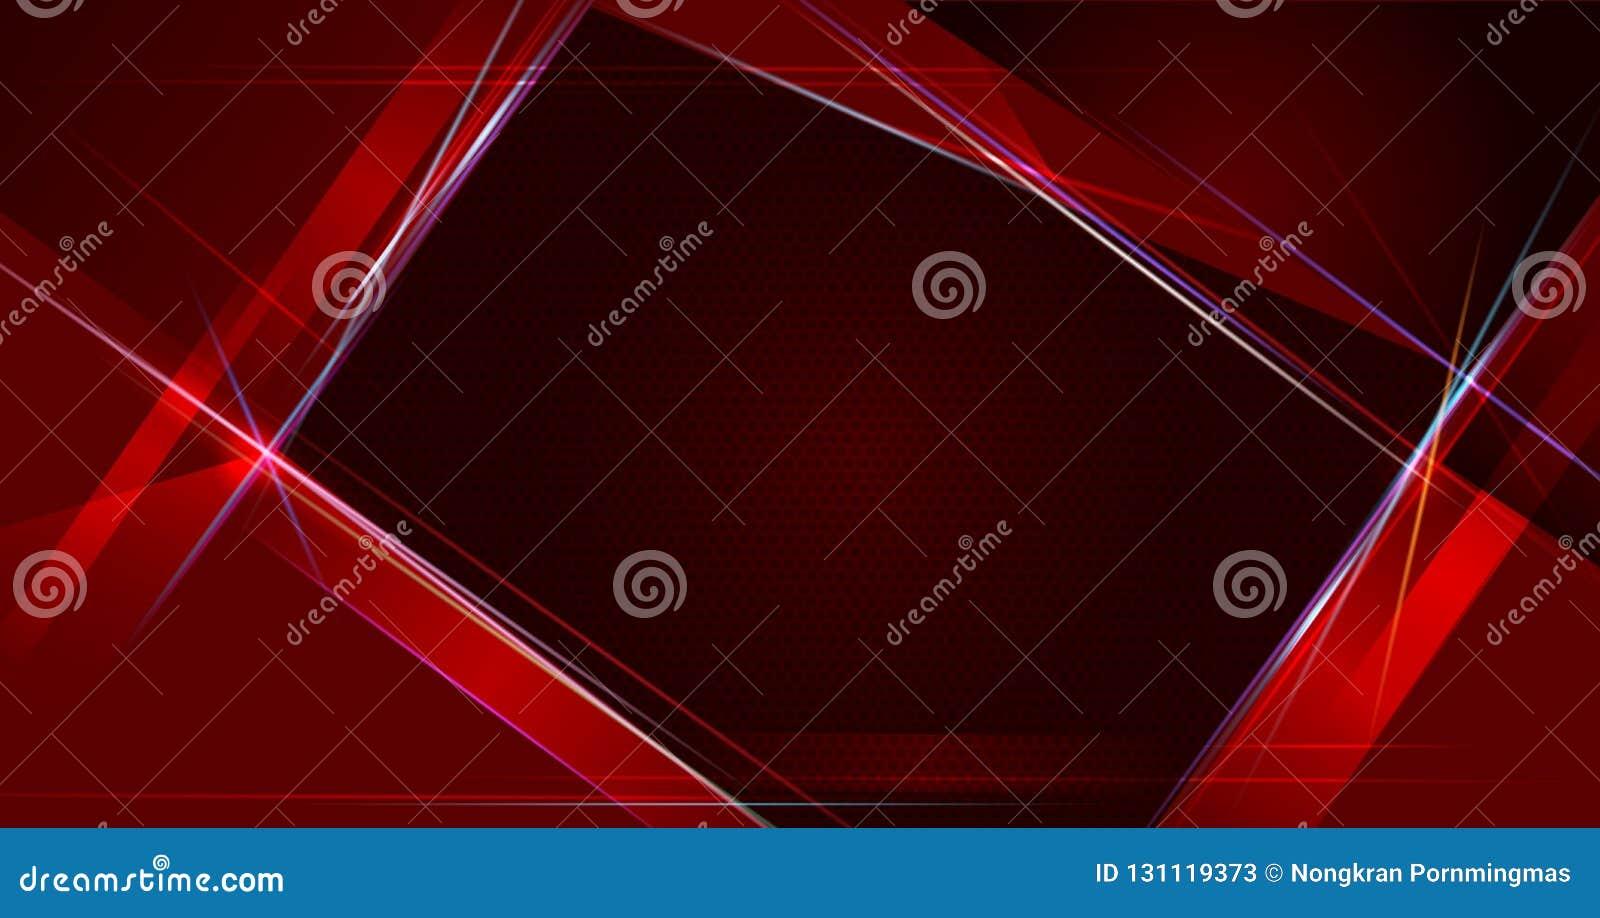 例证抽象红色和黑金属与光线和光滑的线 金属背景的框架设计